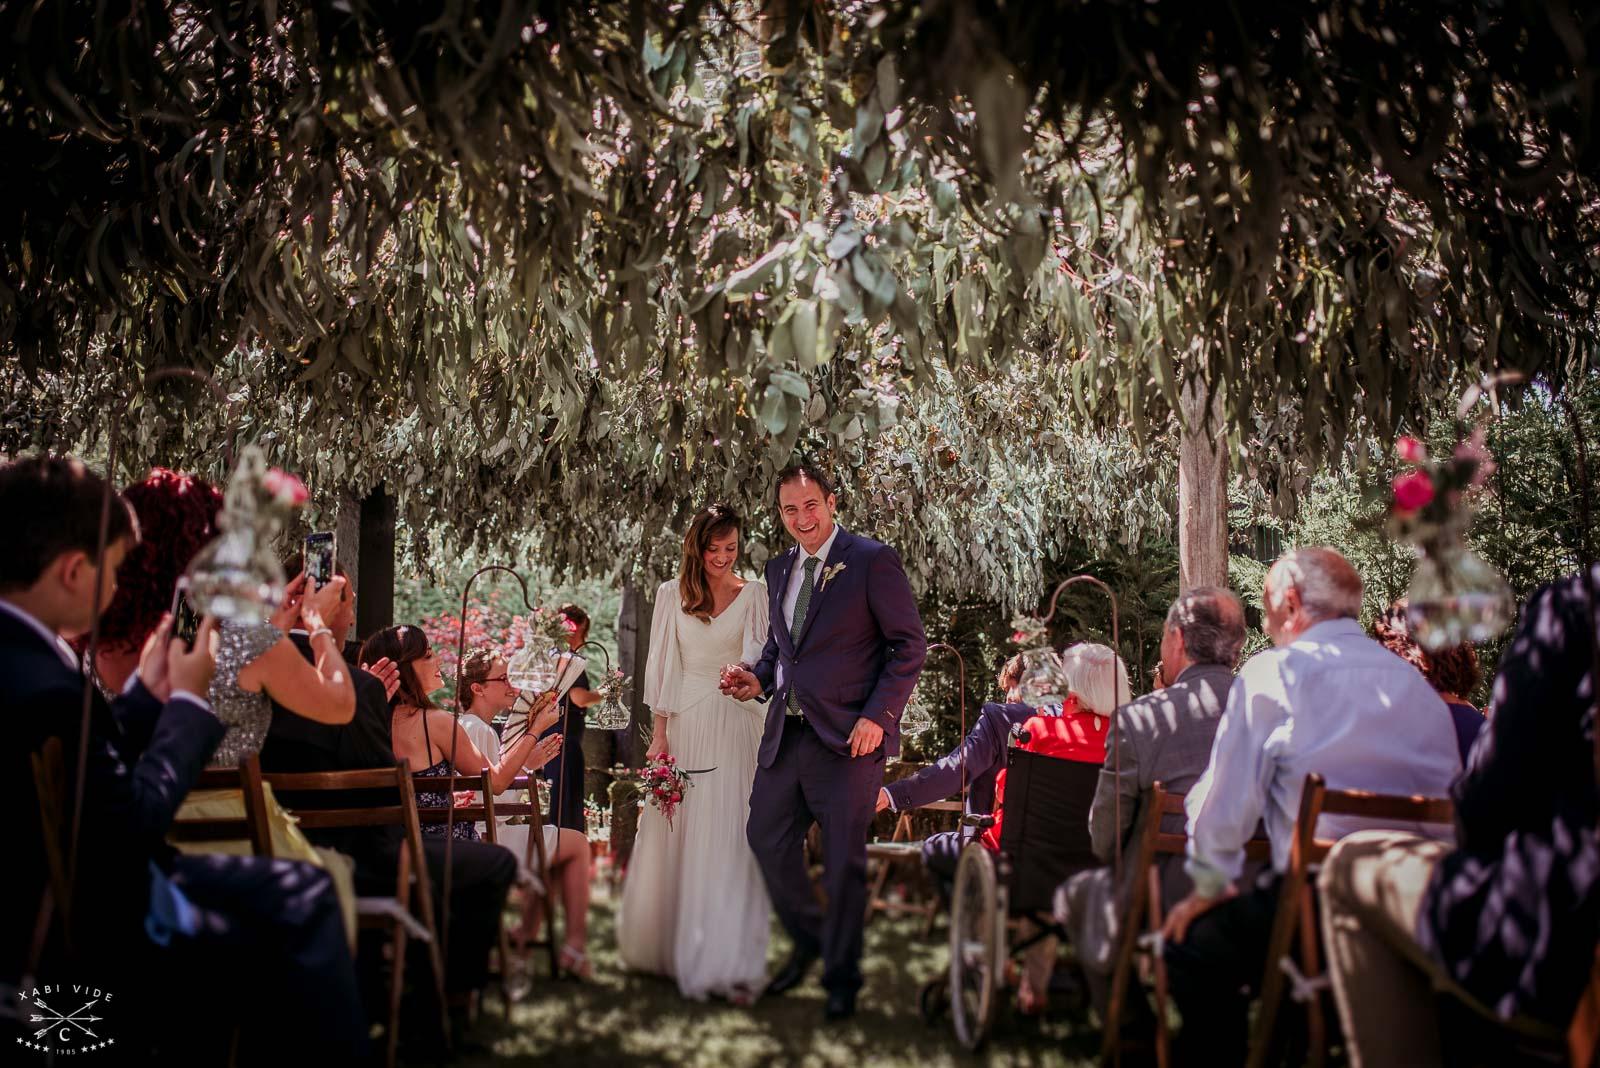 fotografo de bodas en bilbao-99